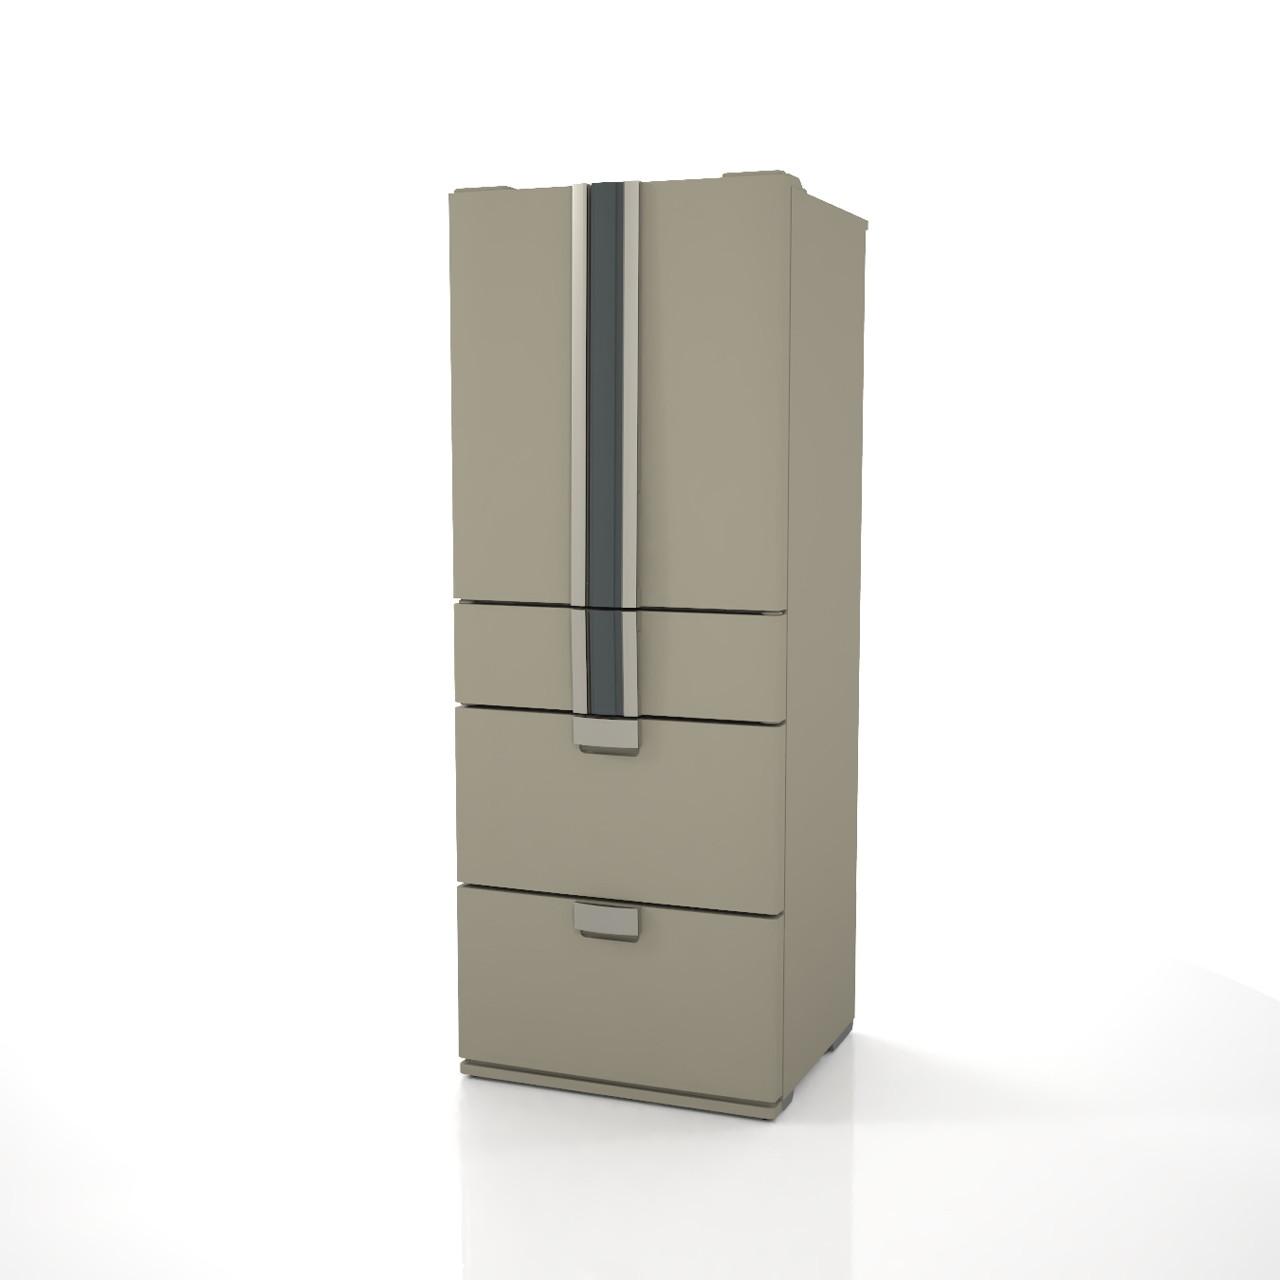 高さ1.8mサイズの小型の冷蔵庫(アーバングレイ色)の3dCADデータ│インテリア 家電製品 冷蔵庫 refrigerator│3d cad データ フリー ダウンロード 無料 商用可能 建築パース フリー素材 formZ 3D 3ds obj Free download│digital-architex.com